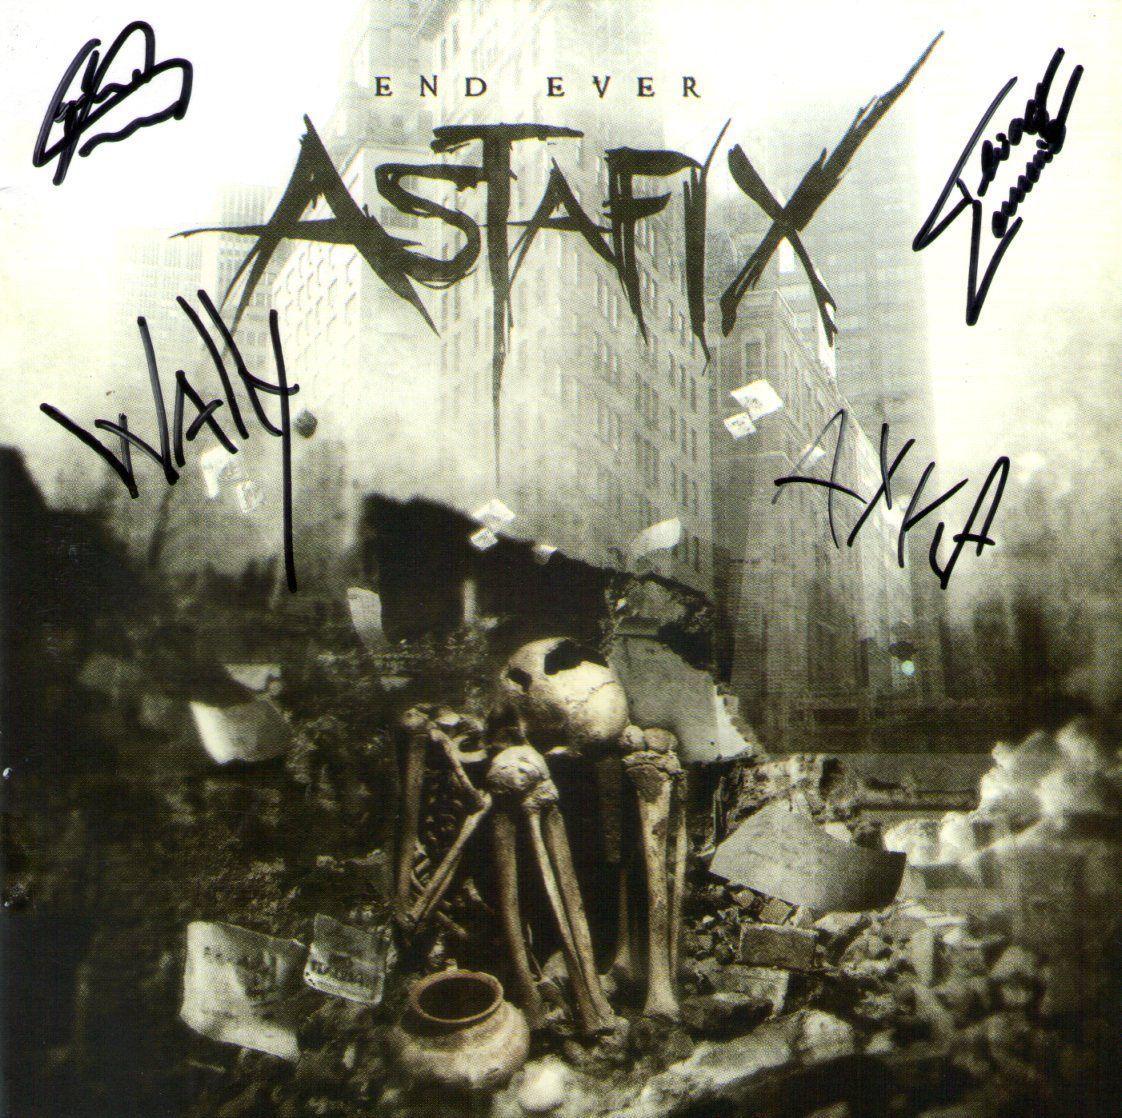 CD – Astafix – End Ever – Autografado